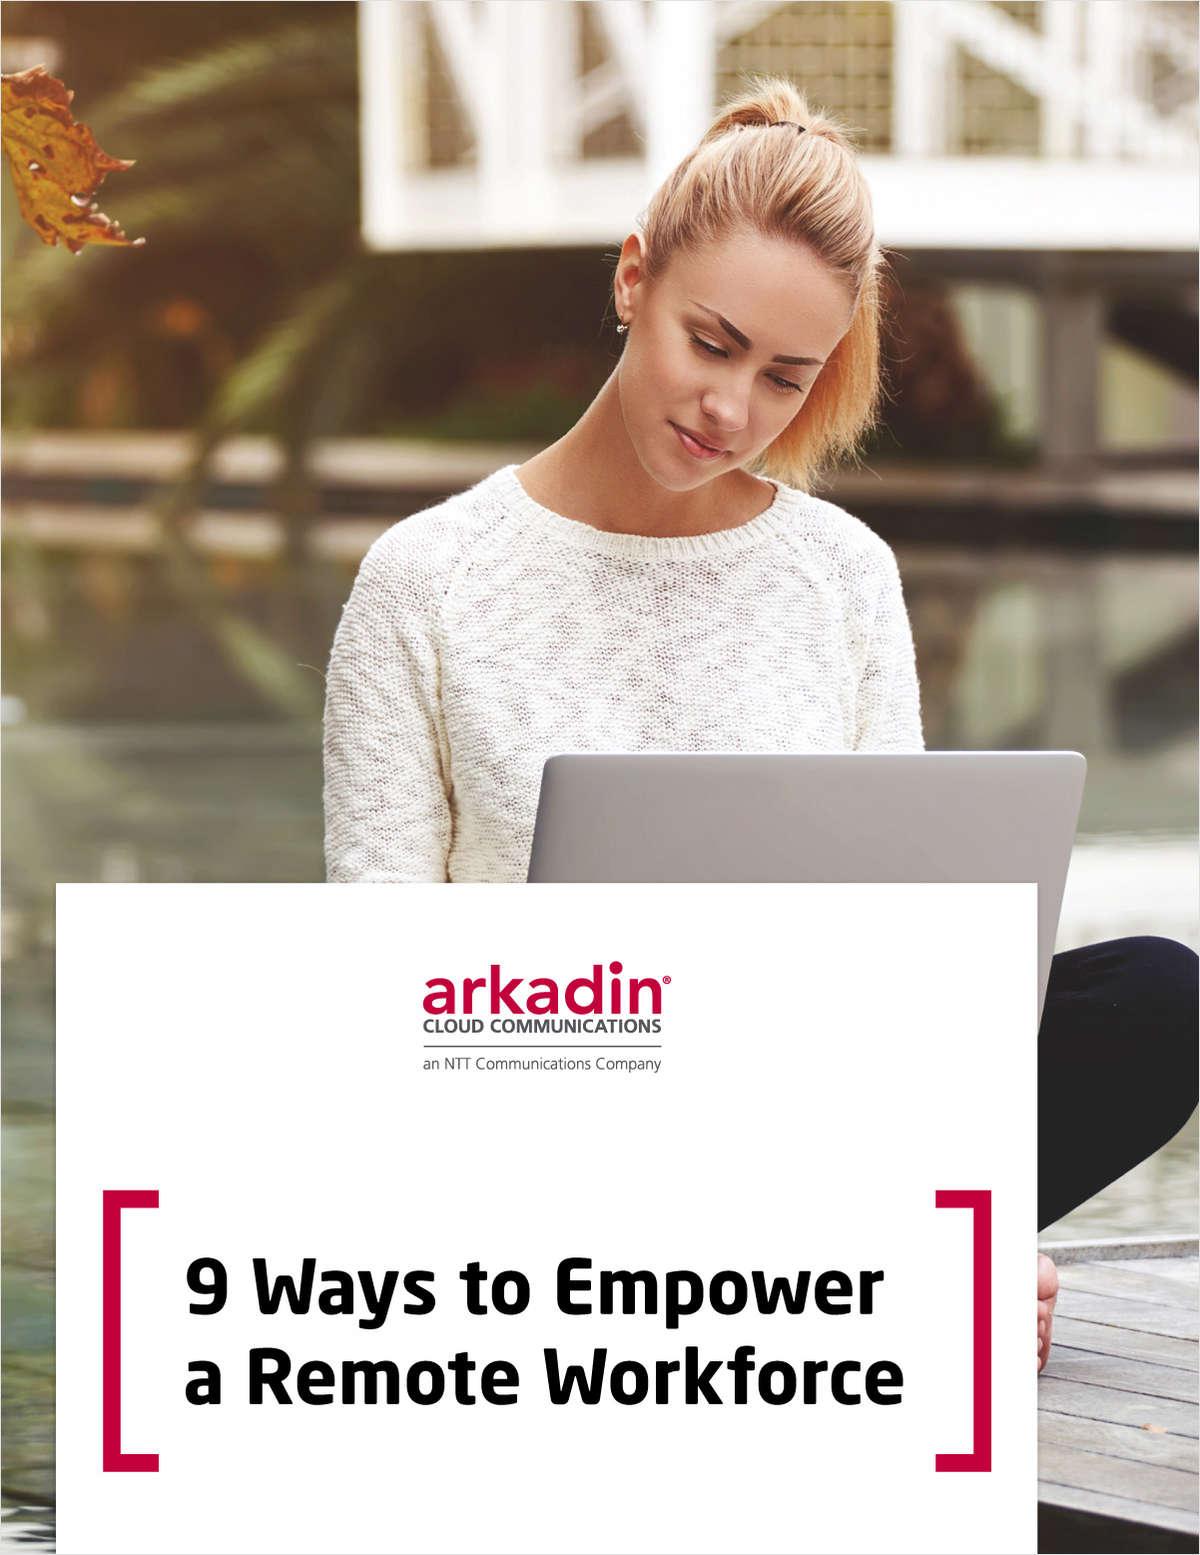 9 Ways to Empower a Remote Workforce